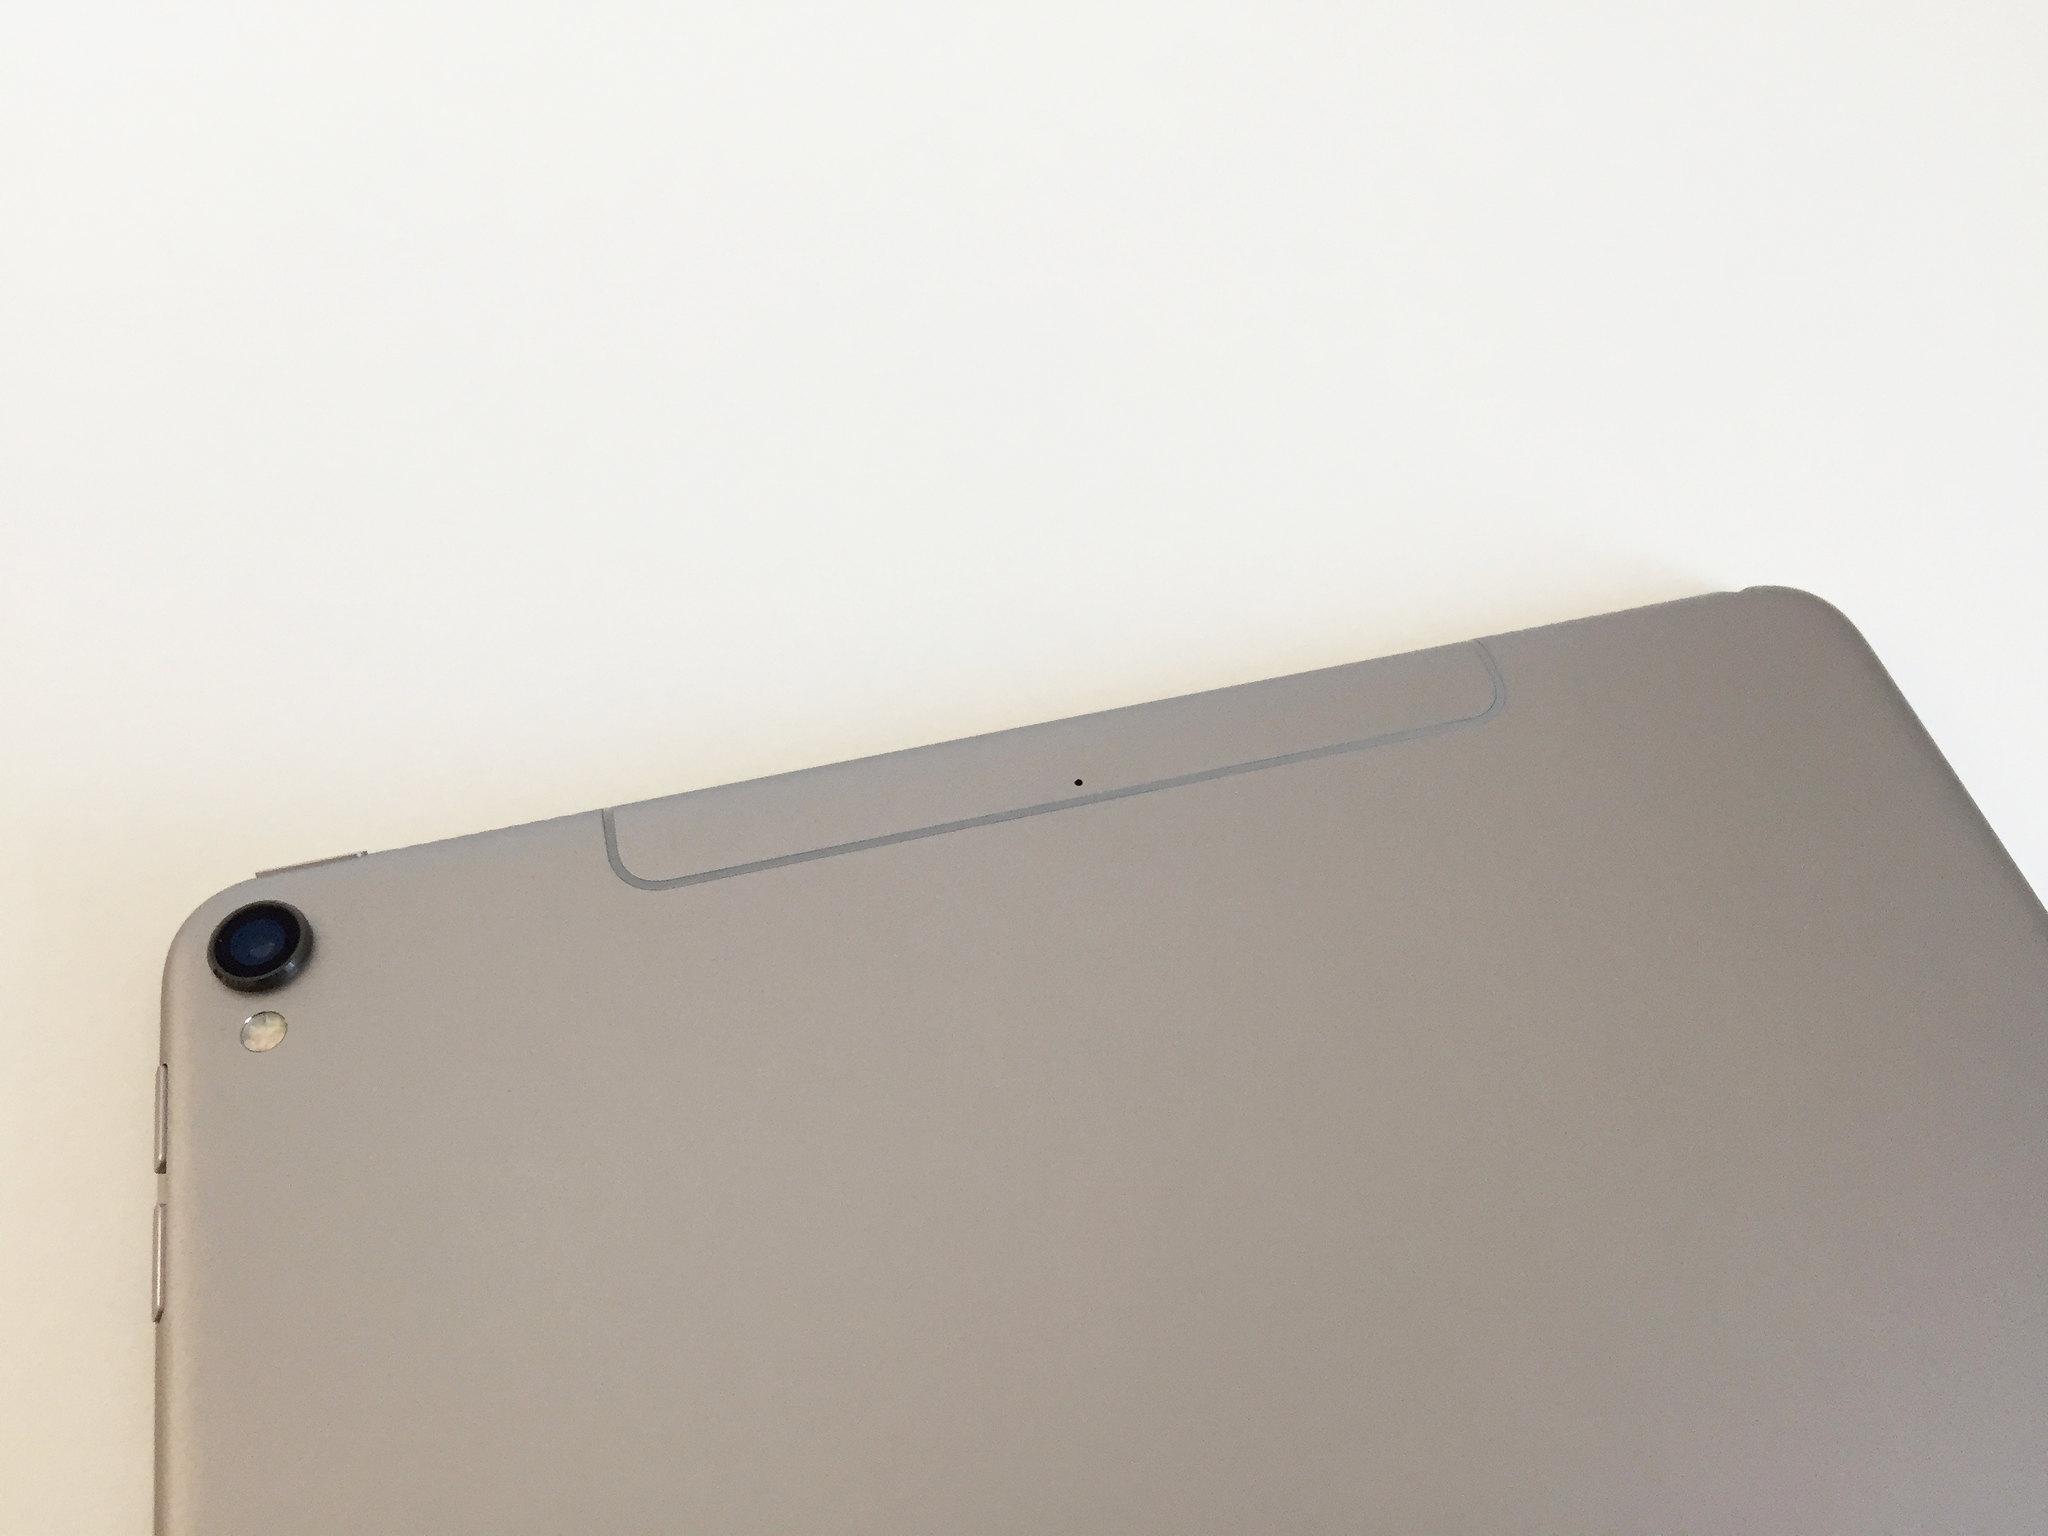 20170820 Première prise en main de l'iPad Pro 10,5'' 6